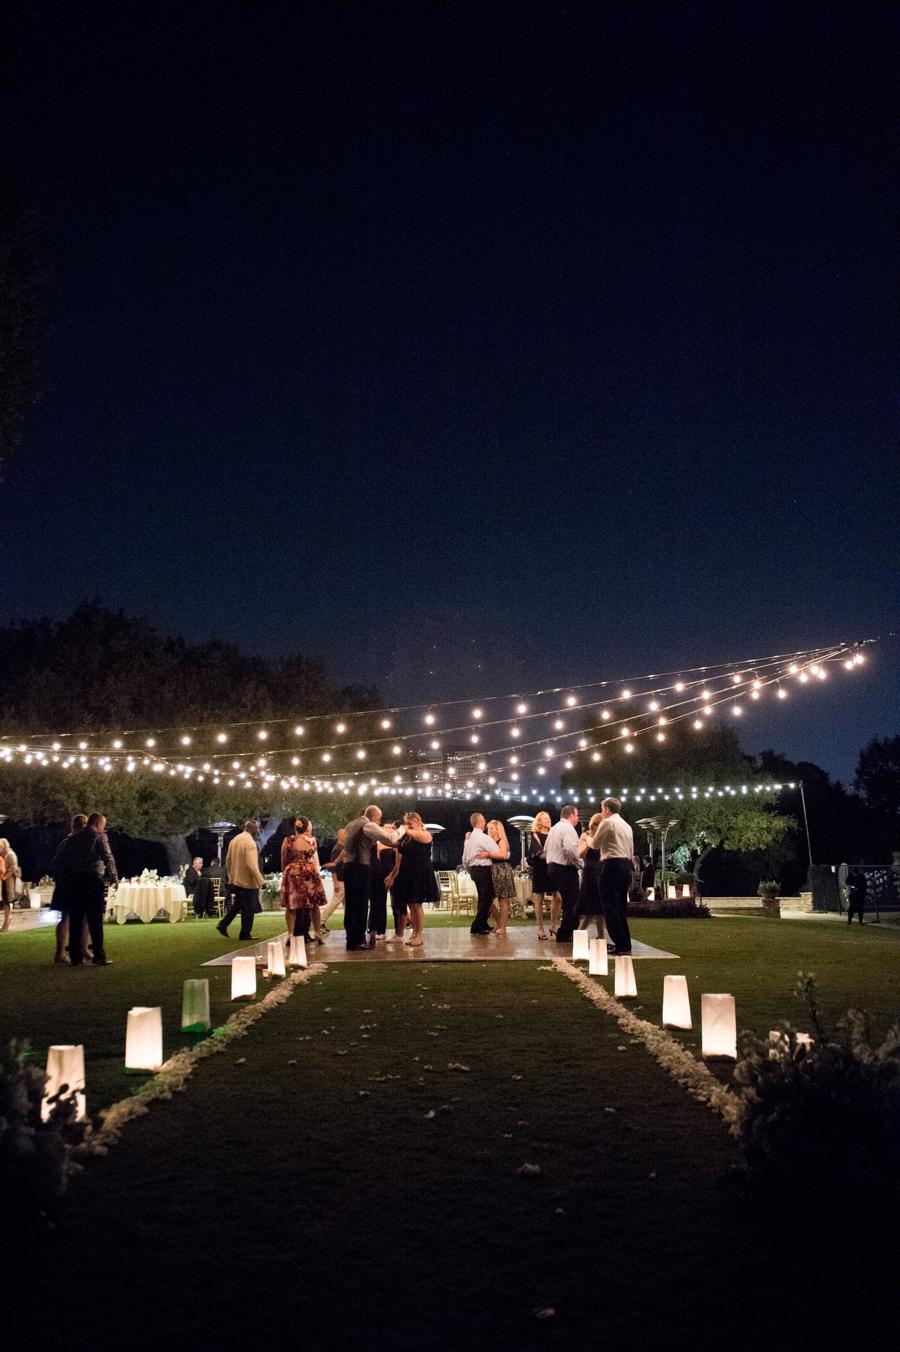 SoCal_Burbank_Hollywood_Wedding_JC_037.jpg